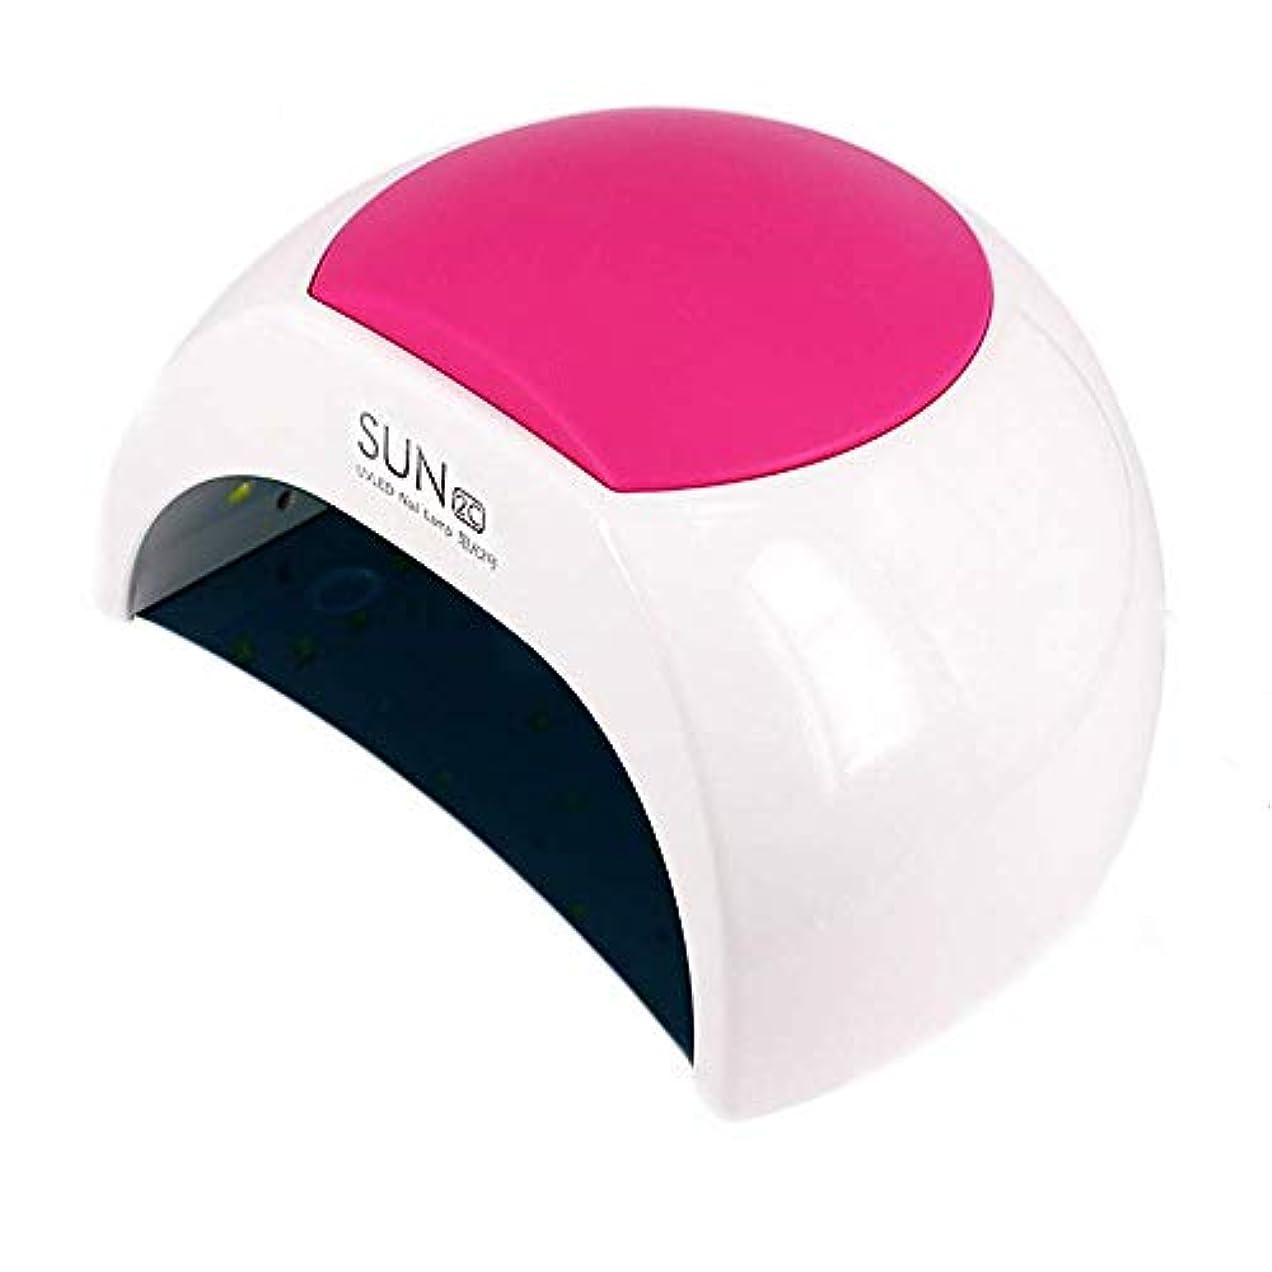 信頼性挑発する組み立てる速乾性マニキュアランプLED光線療法ランプネイルポリッシャードライヤーランプ48Wネイル光線療法機